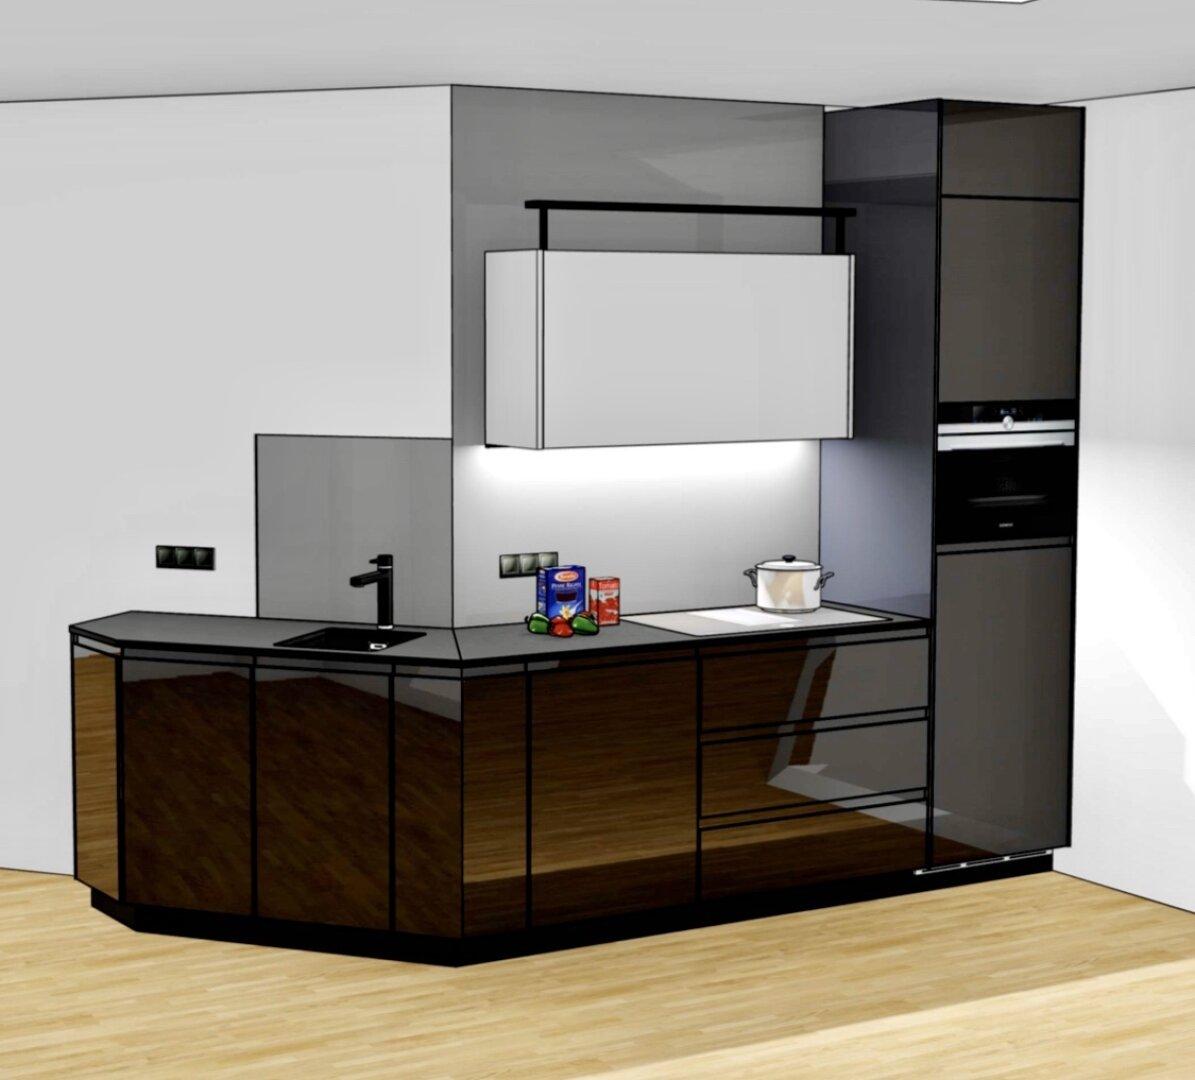 Küche_Rendering